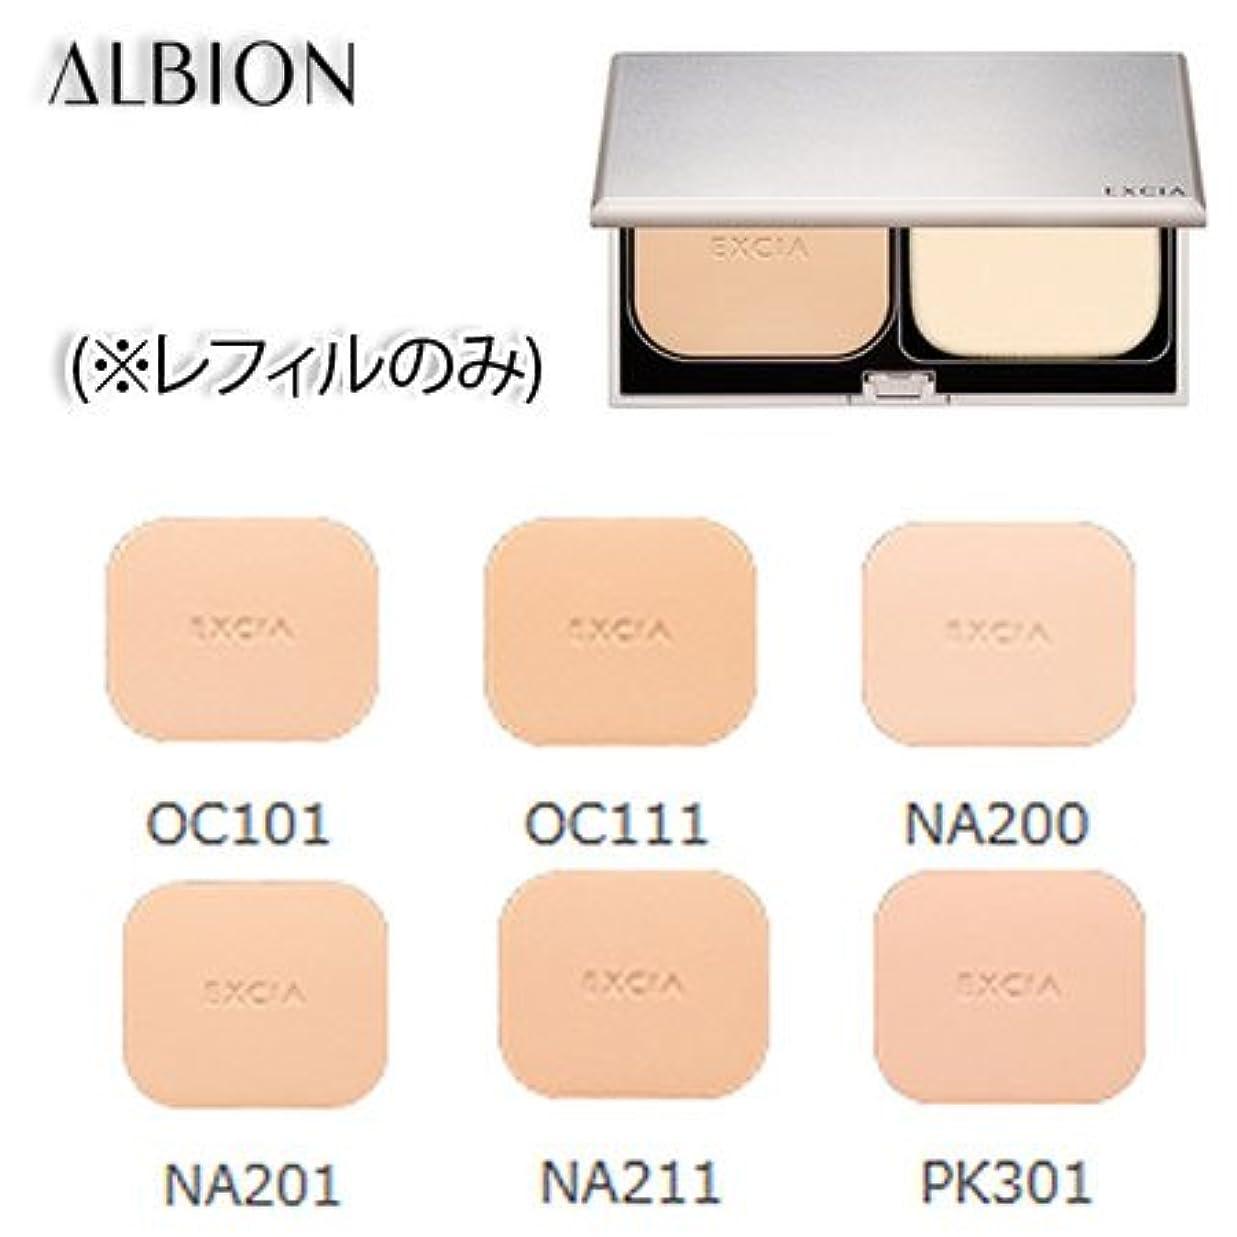 お尻寸法悲鳴アルビオン エクシア AL ホワイトプレミアムパウダー ファンデーション SPF30 PA+++ 11g 6色 (レフィルのみ) -ALBION- PK301